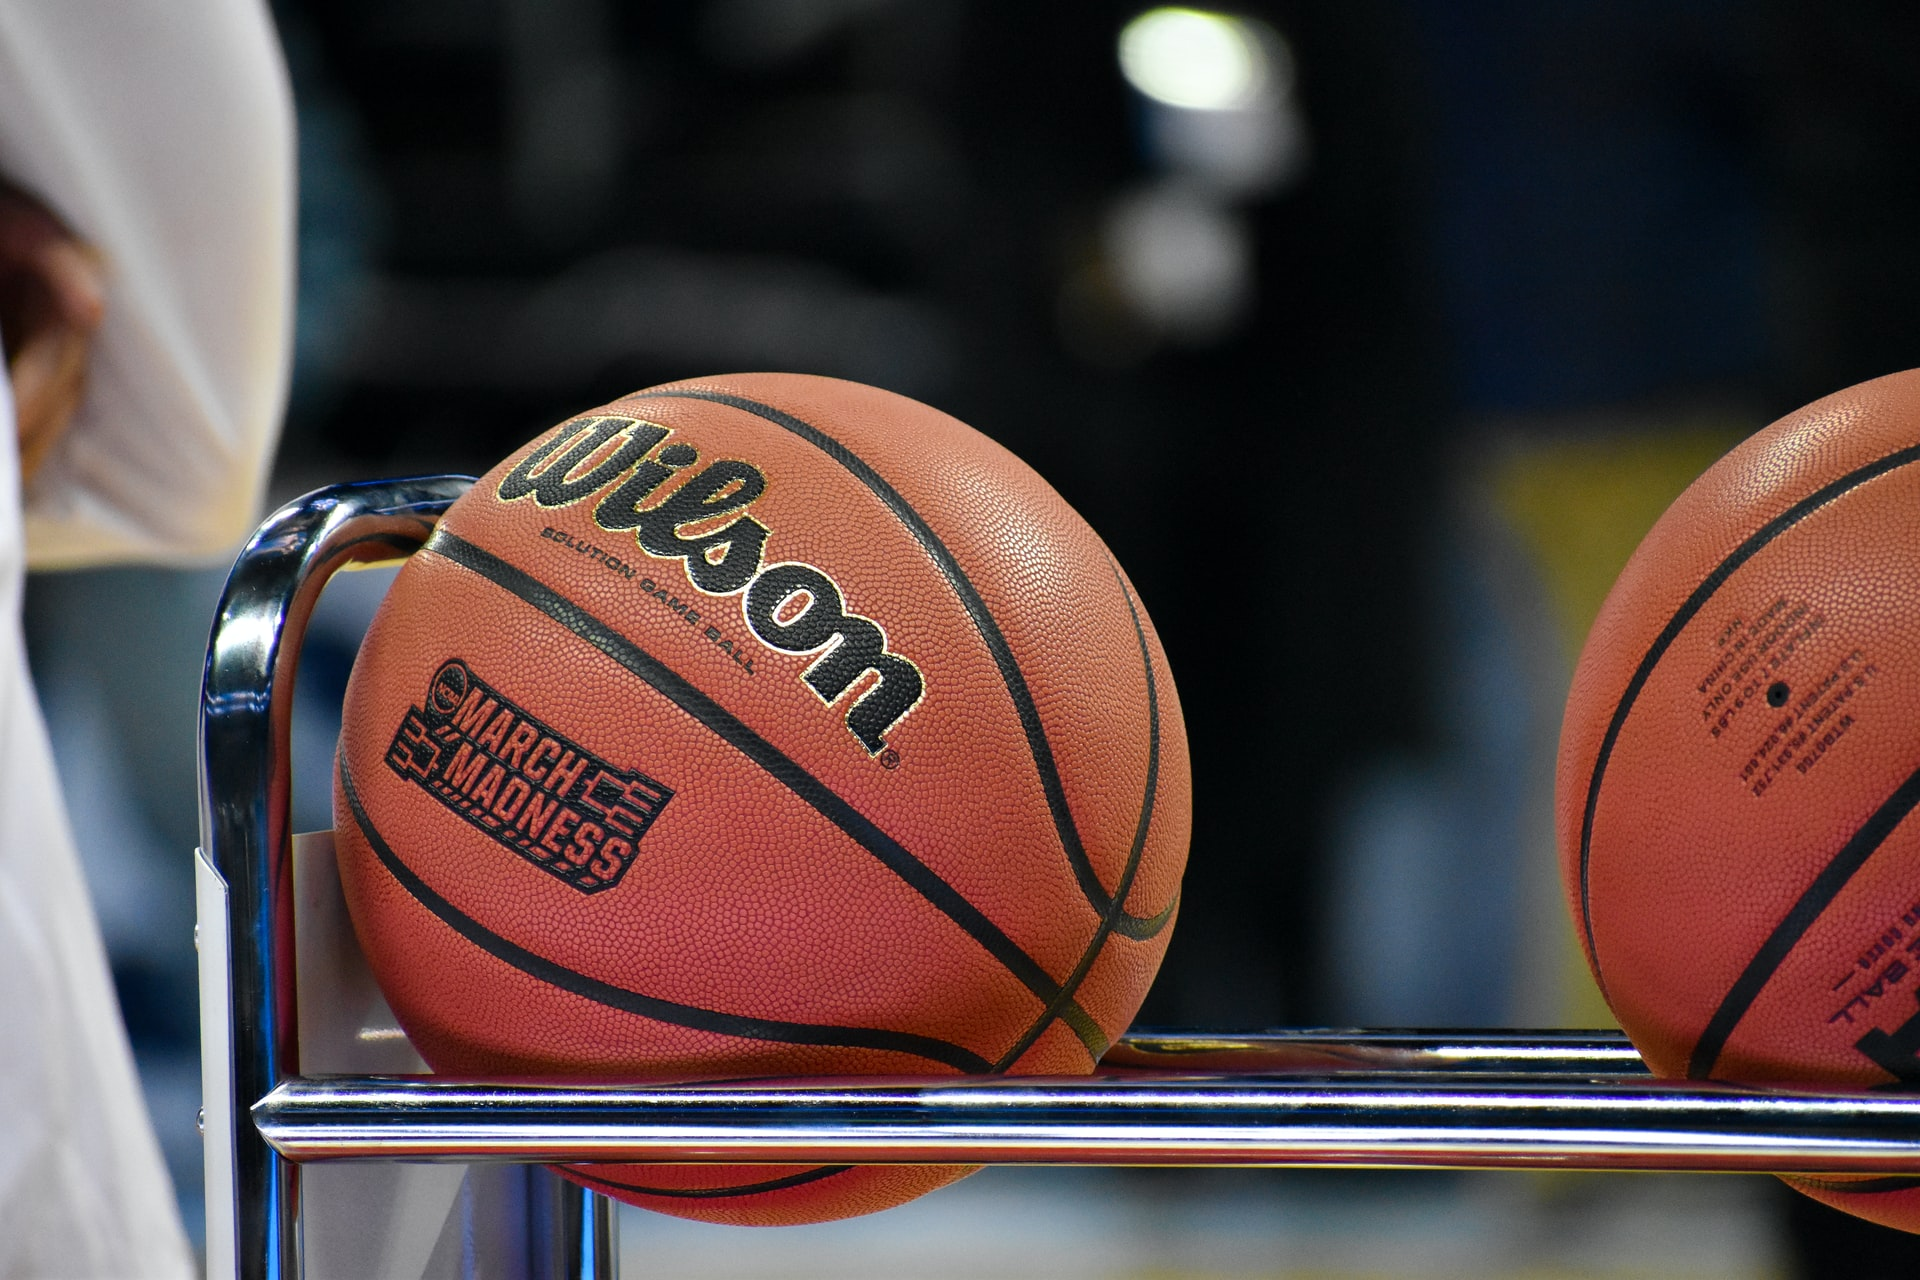 Foto em close de uma bola de basquete da Wilson. Ela está em cima de um suporte para bolas